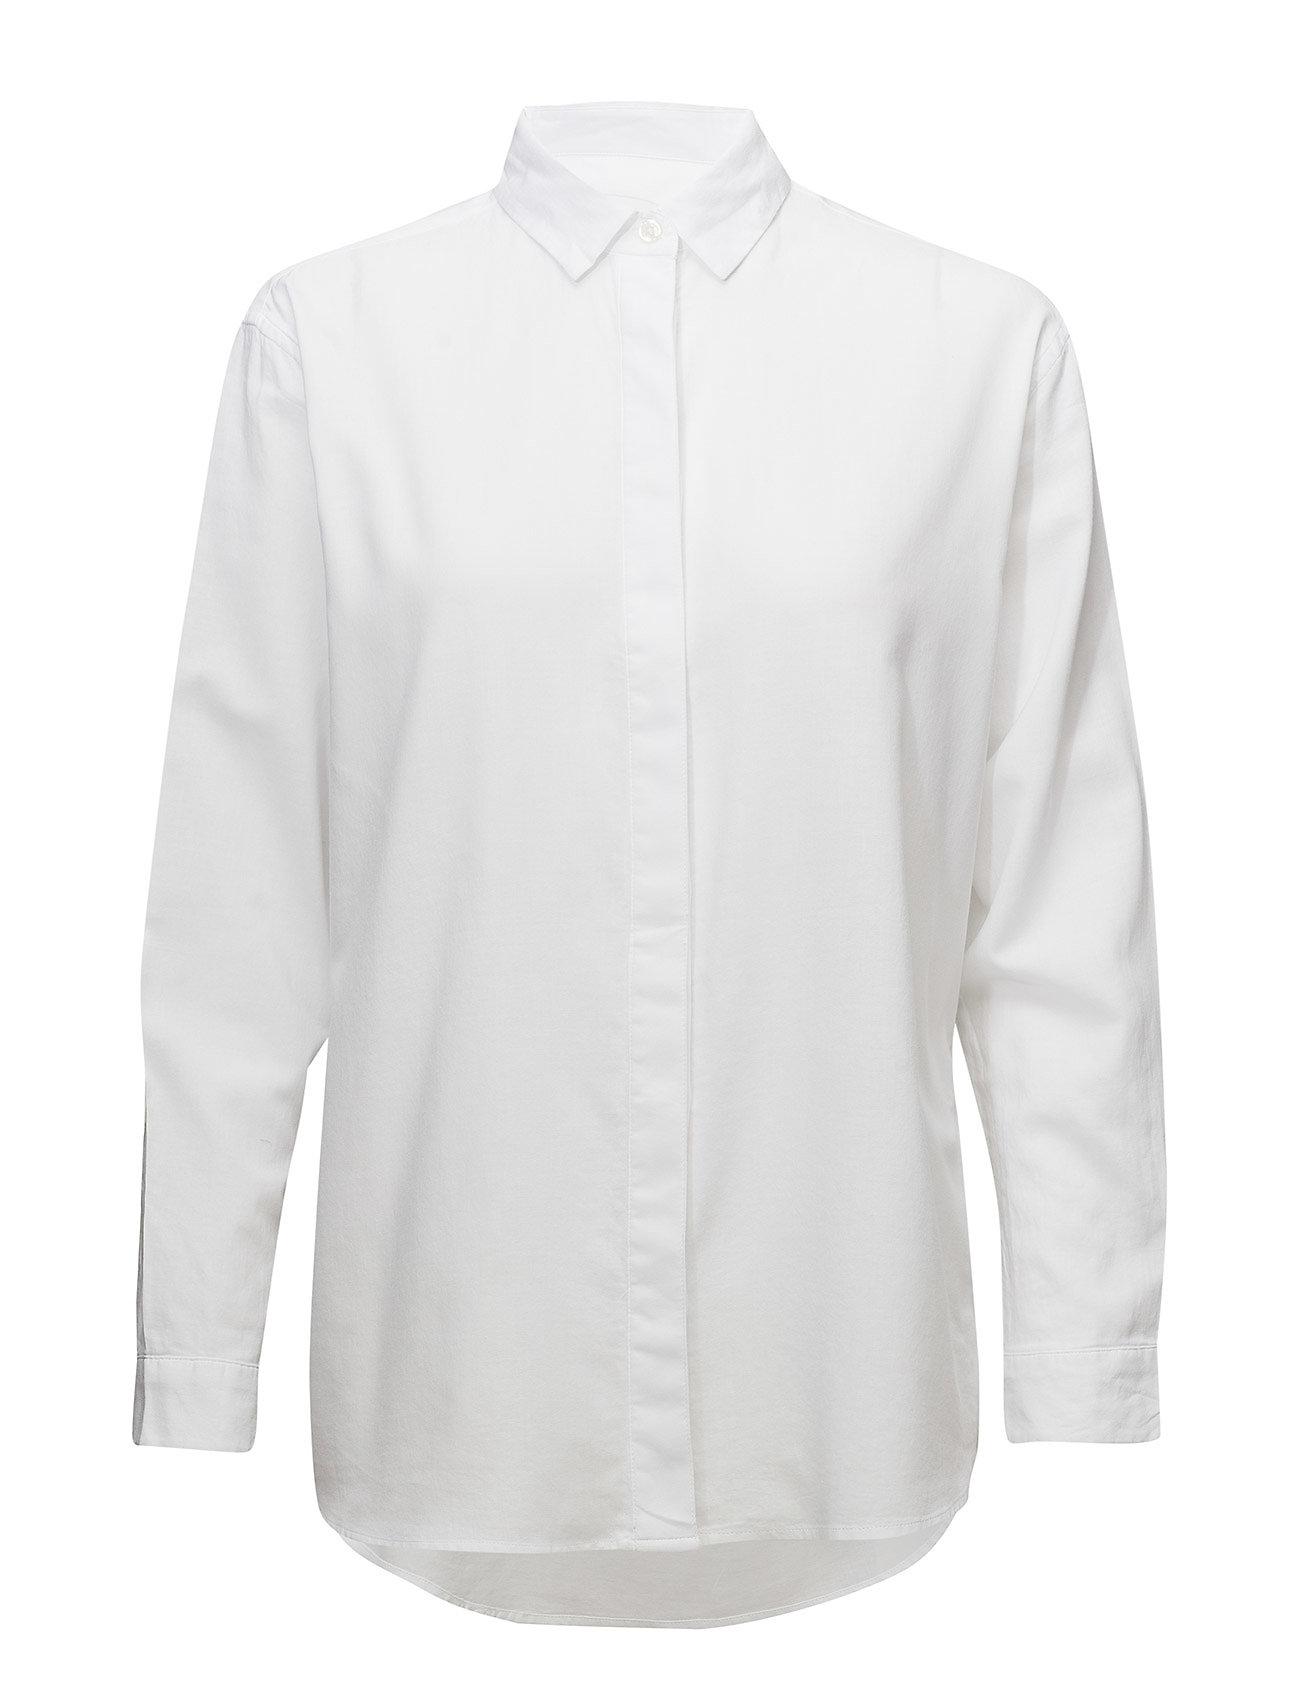 Samsøe & Samsøe Caico Shirt 2634